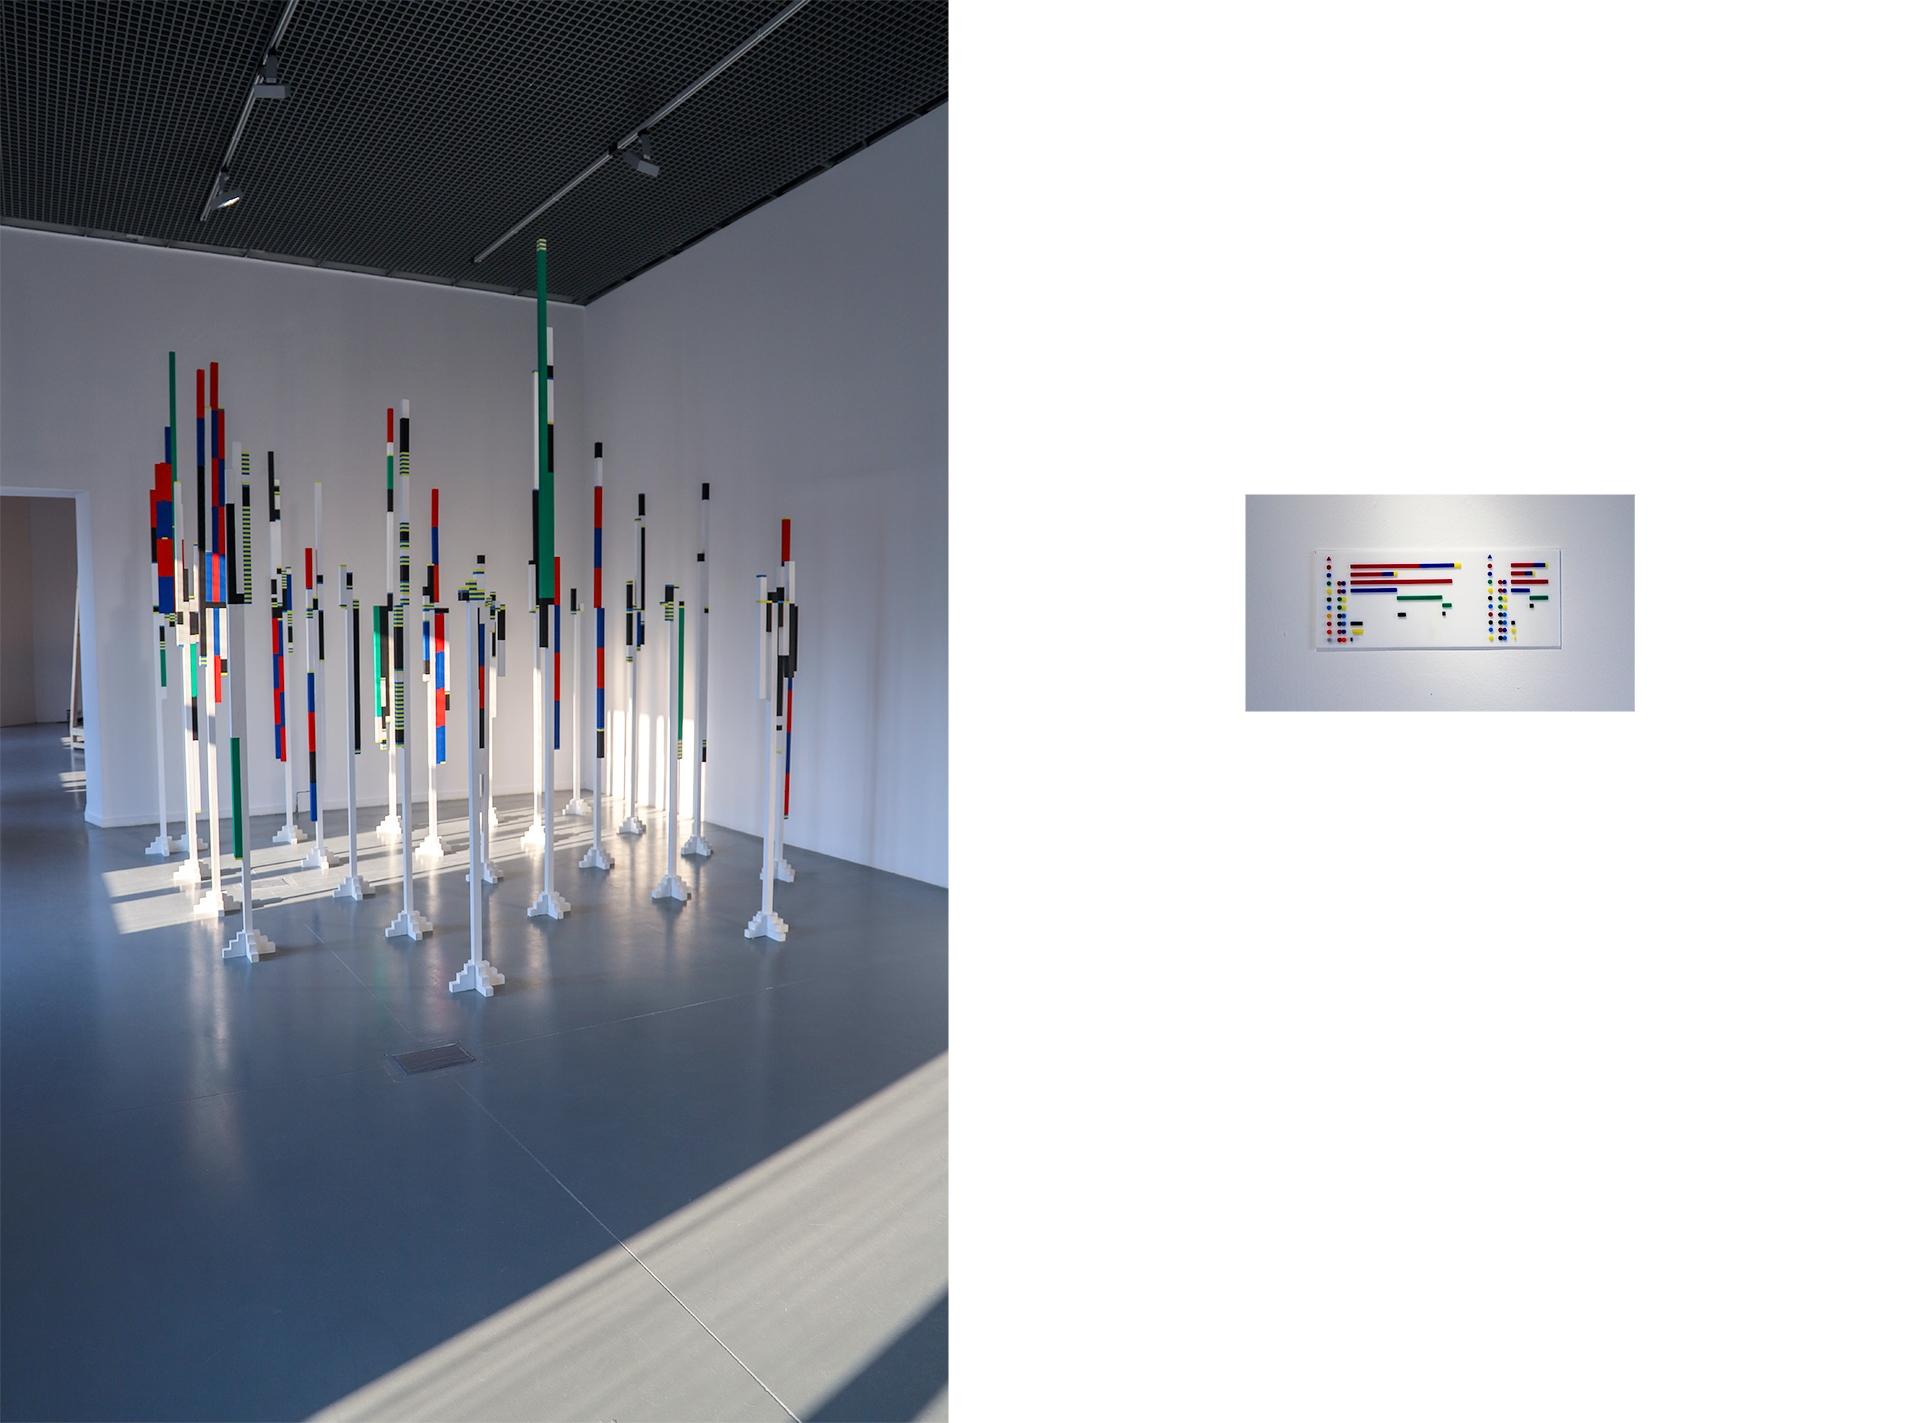 Obraz przedstawia dwa zdjęcia obiektów w białych pomieszczeniach galerii sztuki.